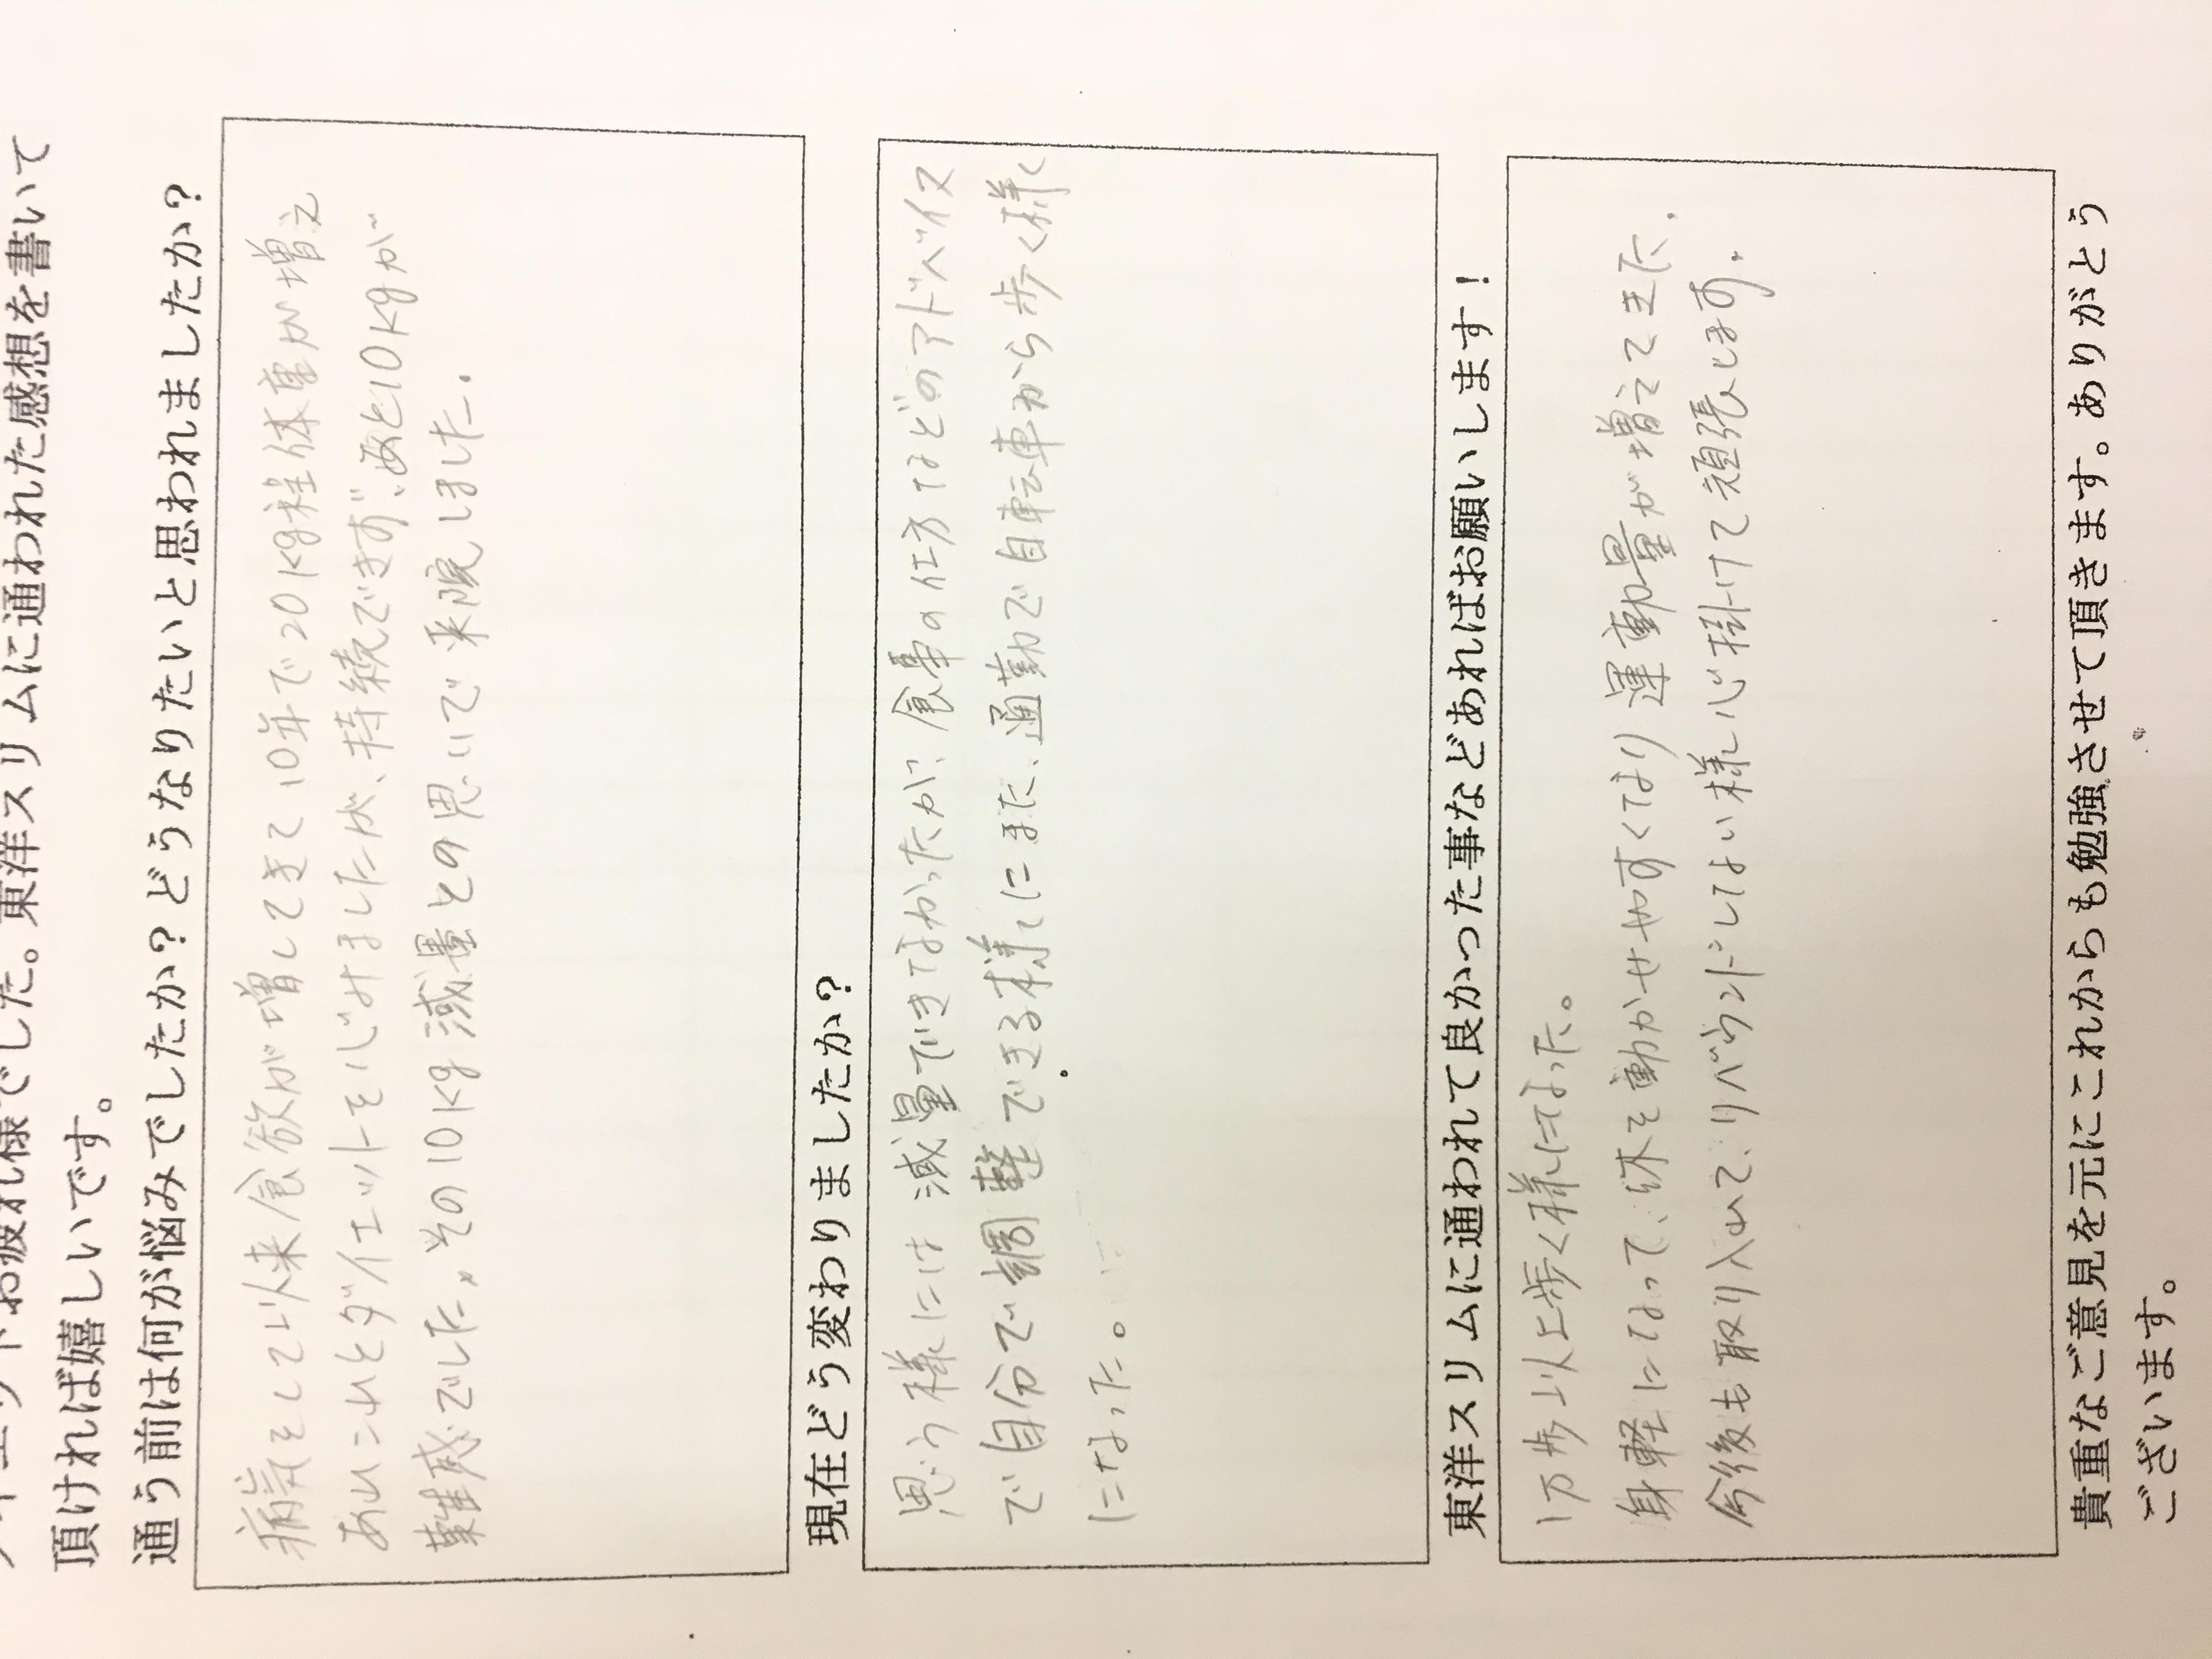 [皆様の声]大阪府松原市Mさん(50代女性)耳つぼダイエット6kg痩せる事に成功。身軽になって体を動かせやすくなった。